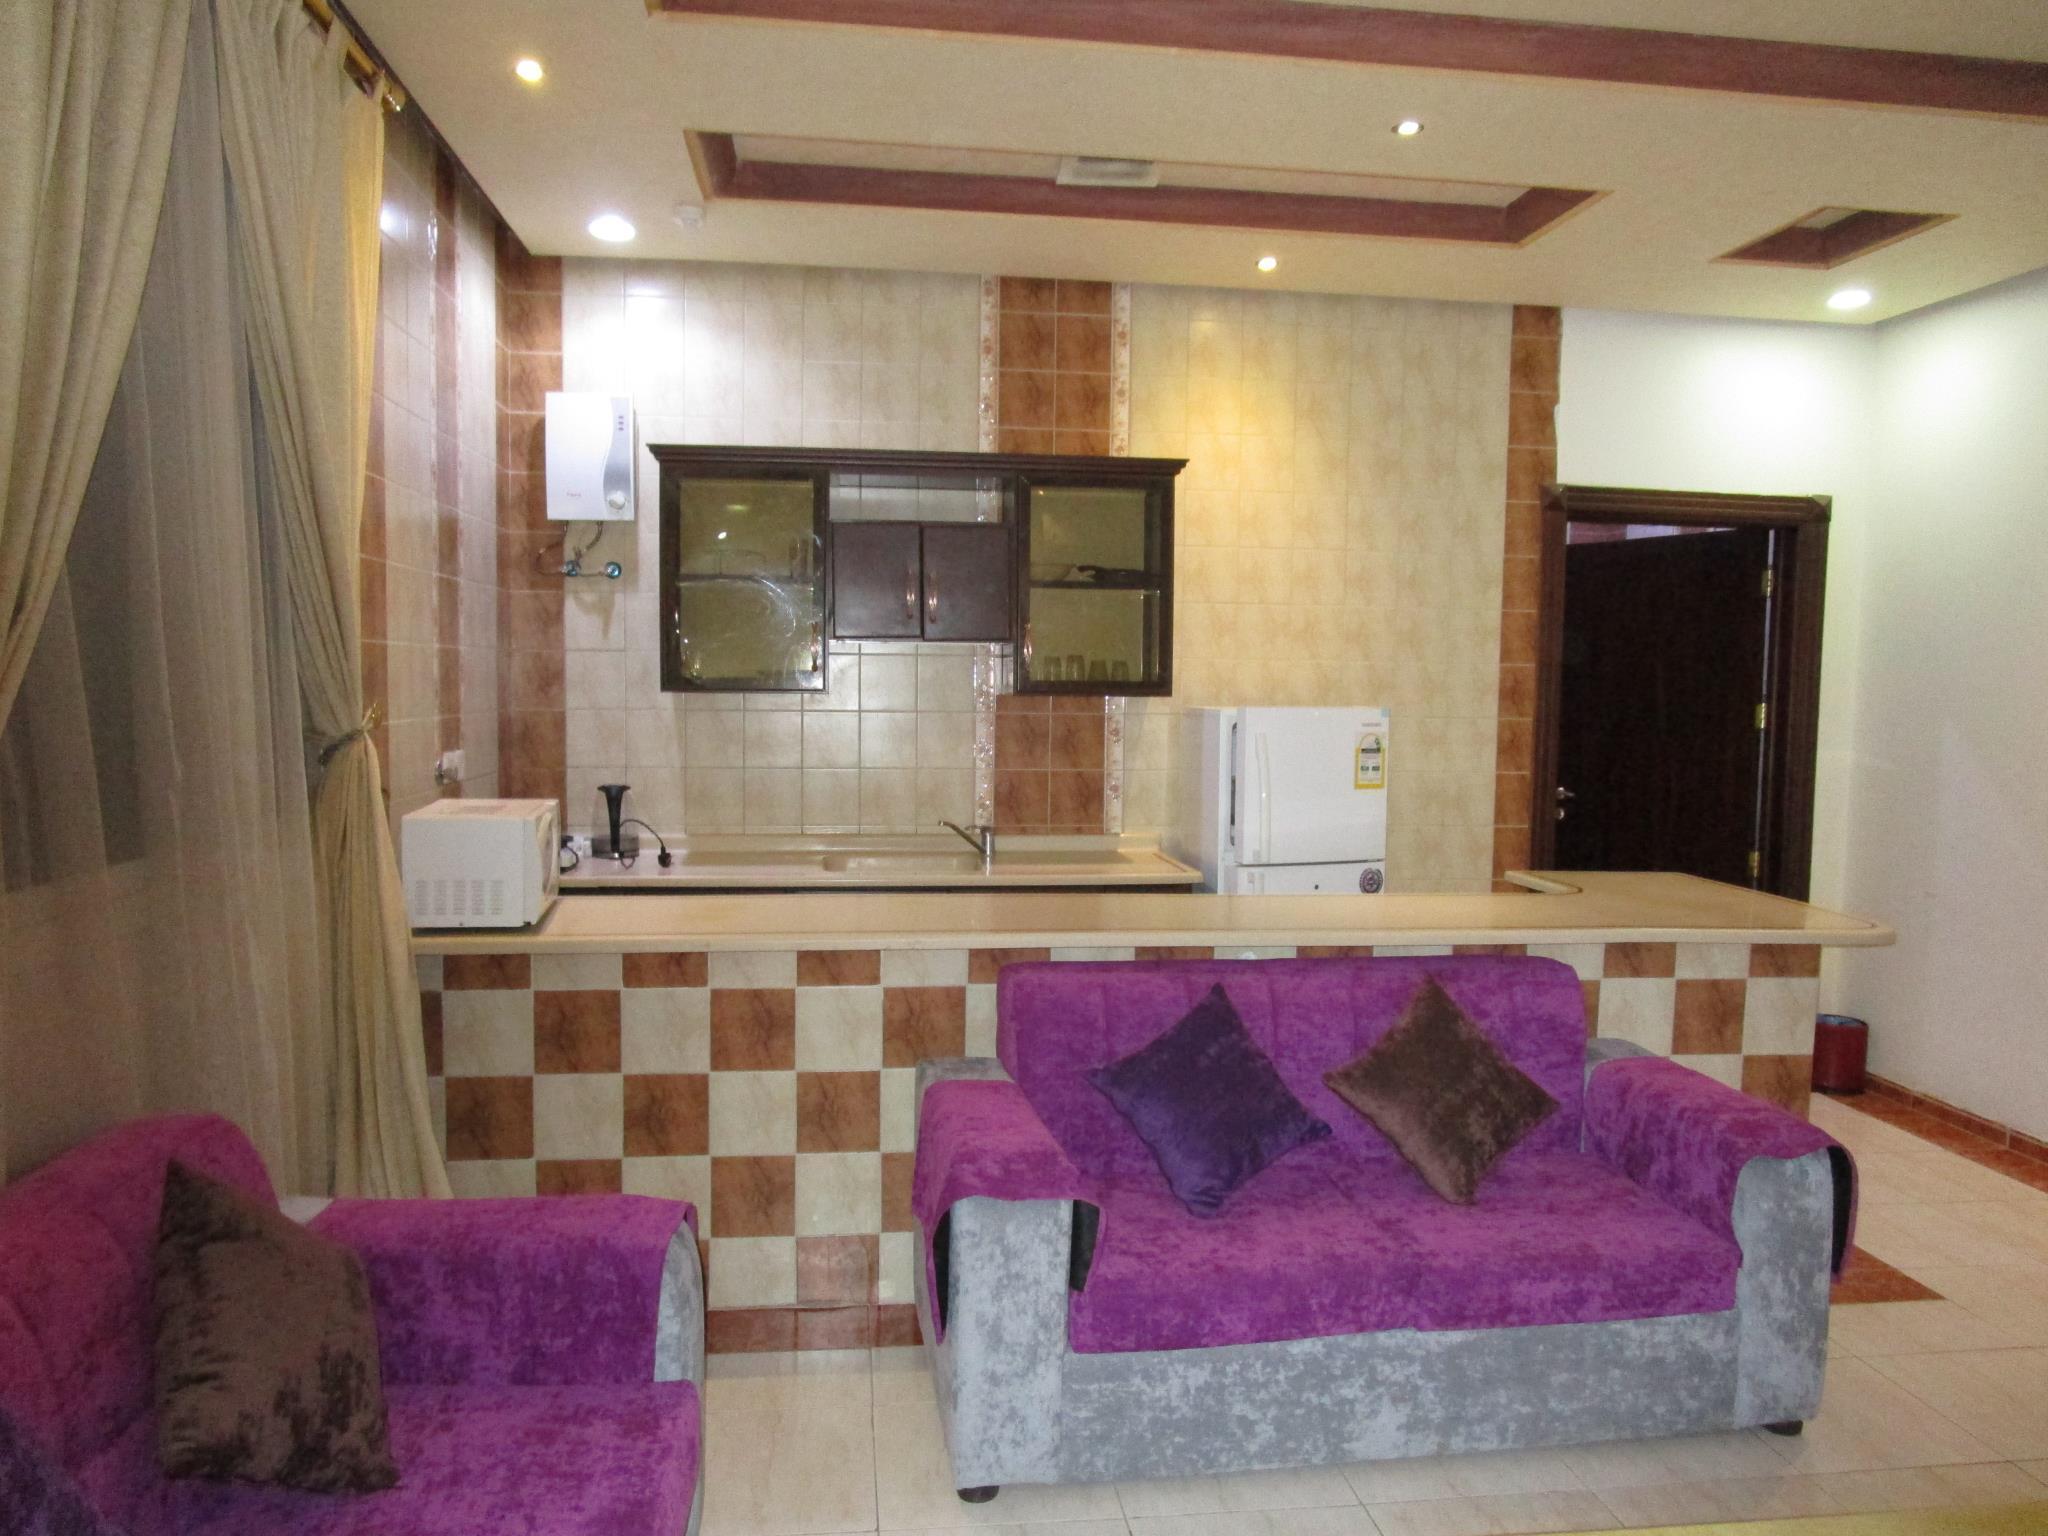 Lamasat Al Hamra